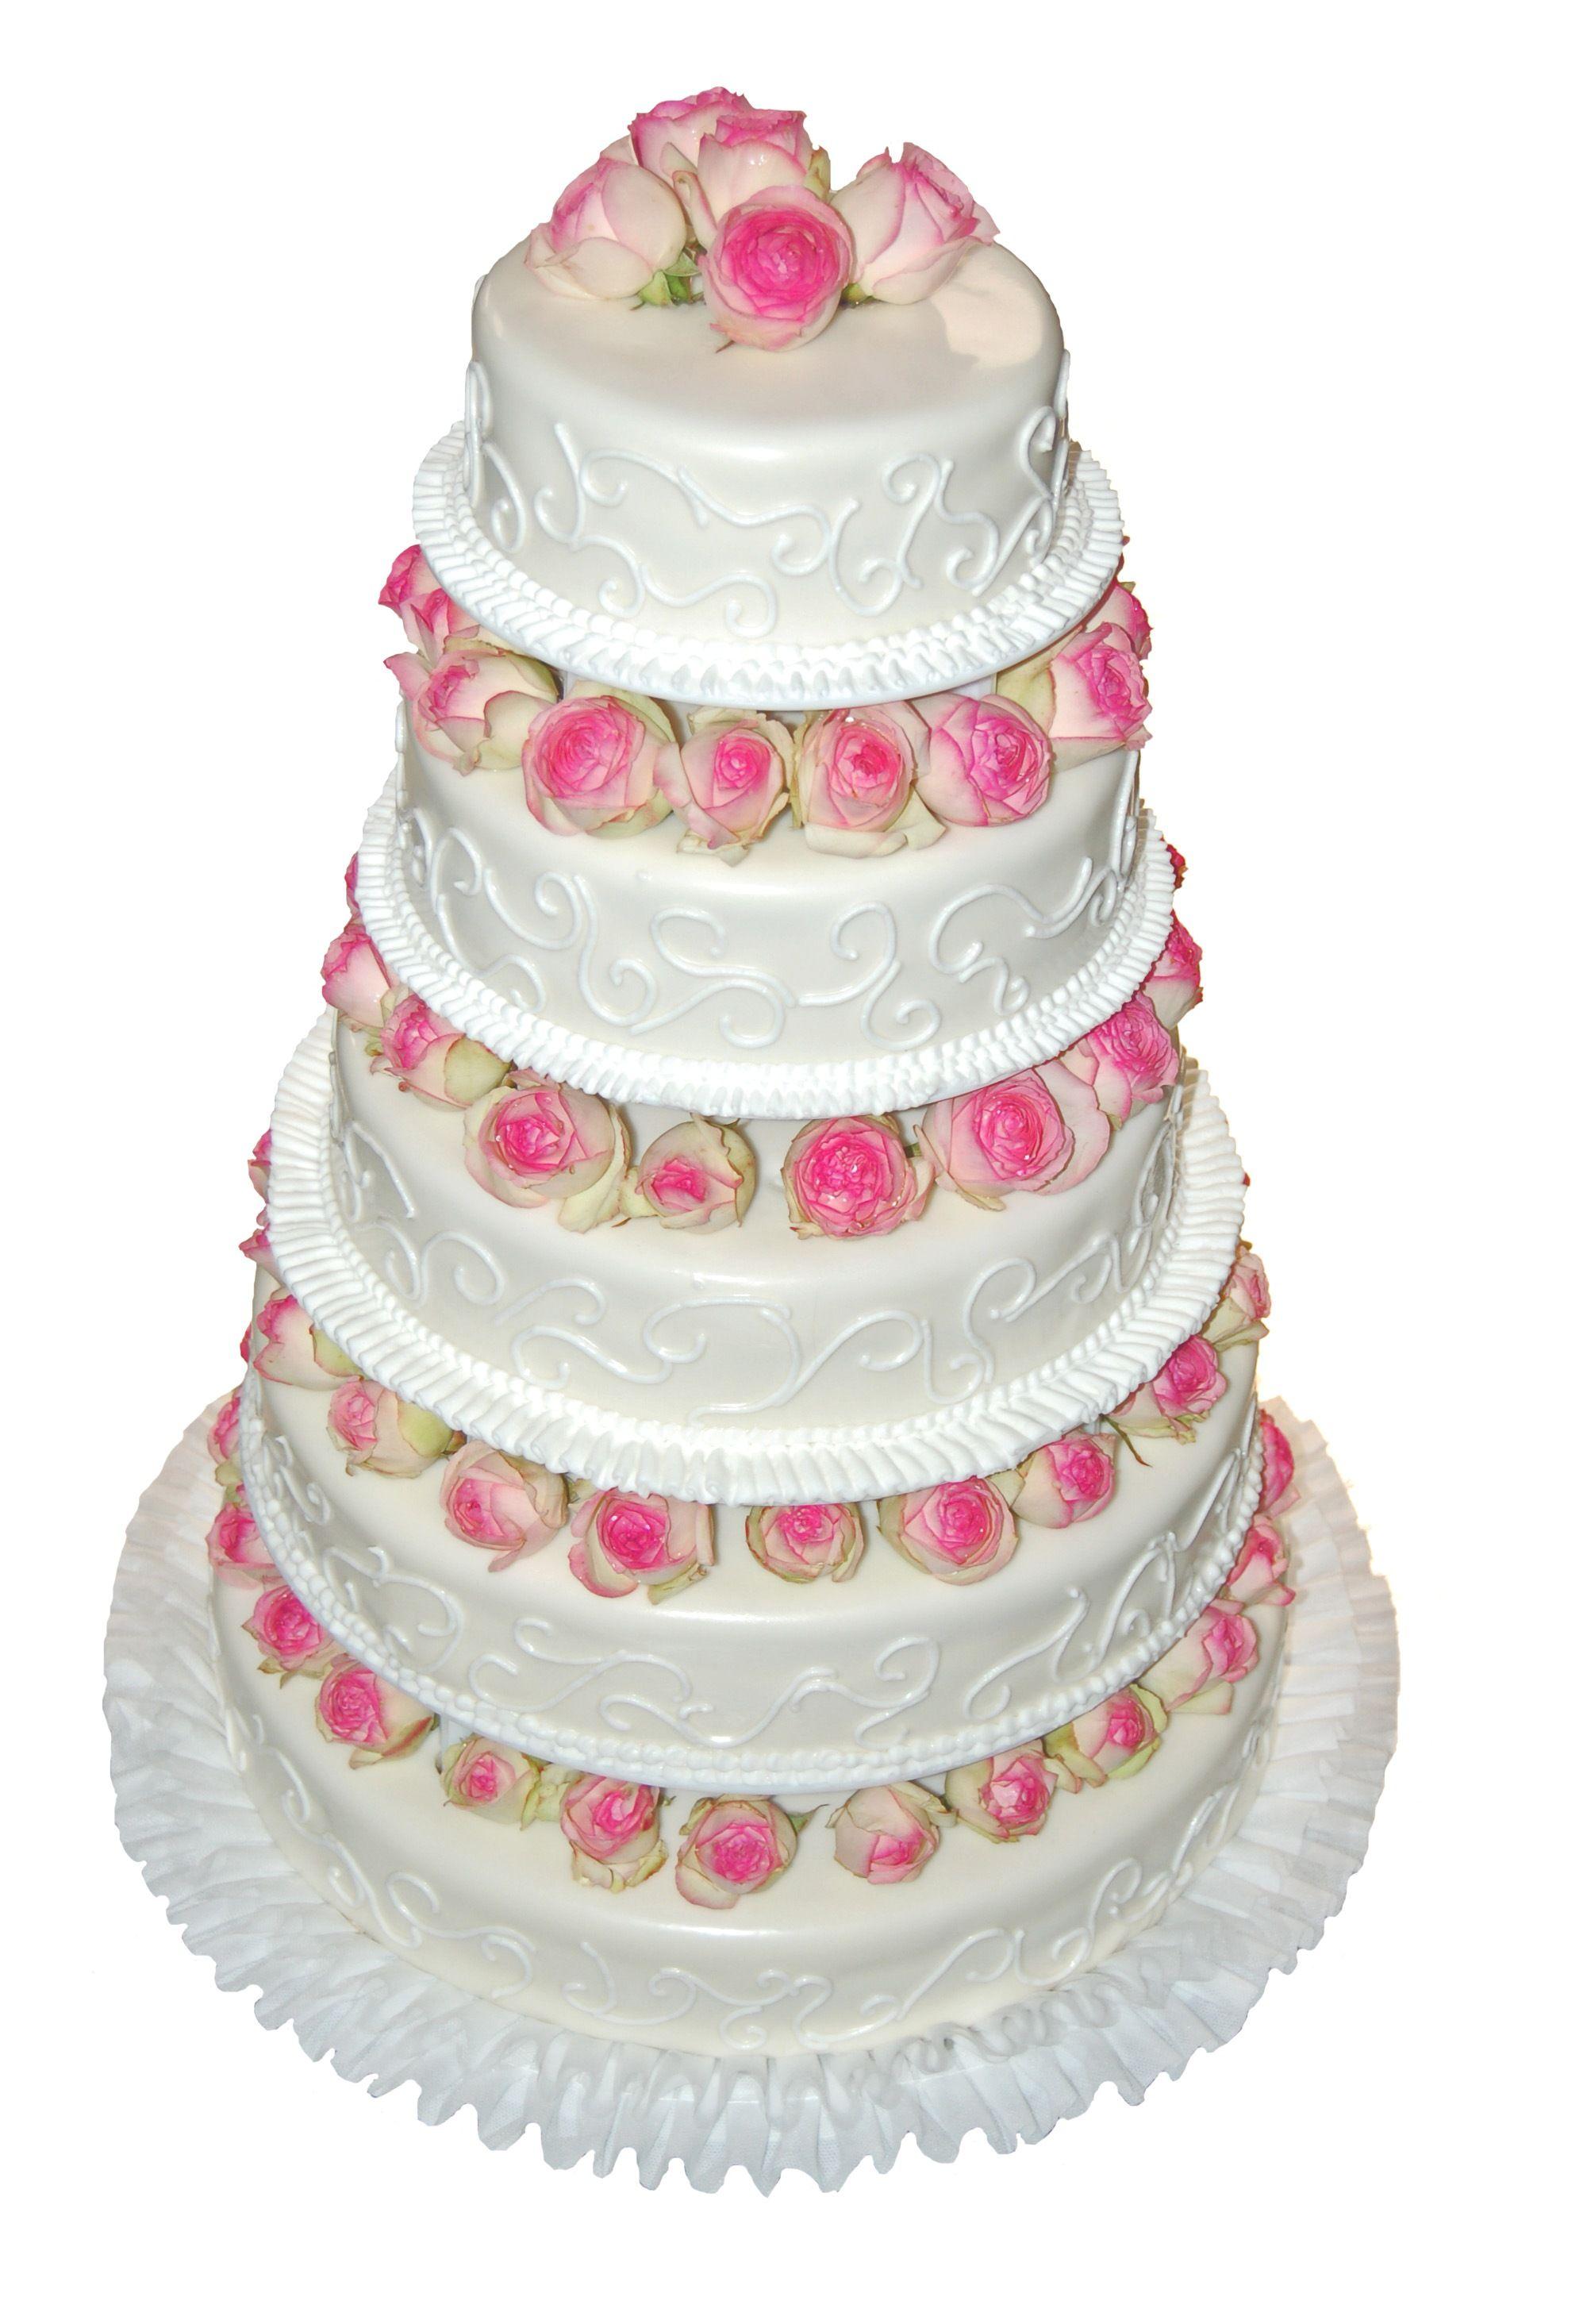 Hochzeitstorte Braut And Brautigam Kuchen Bilder Torte Hochzeit